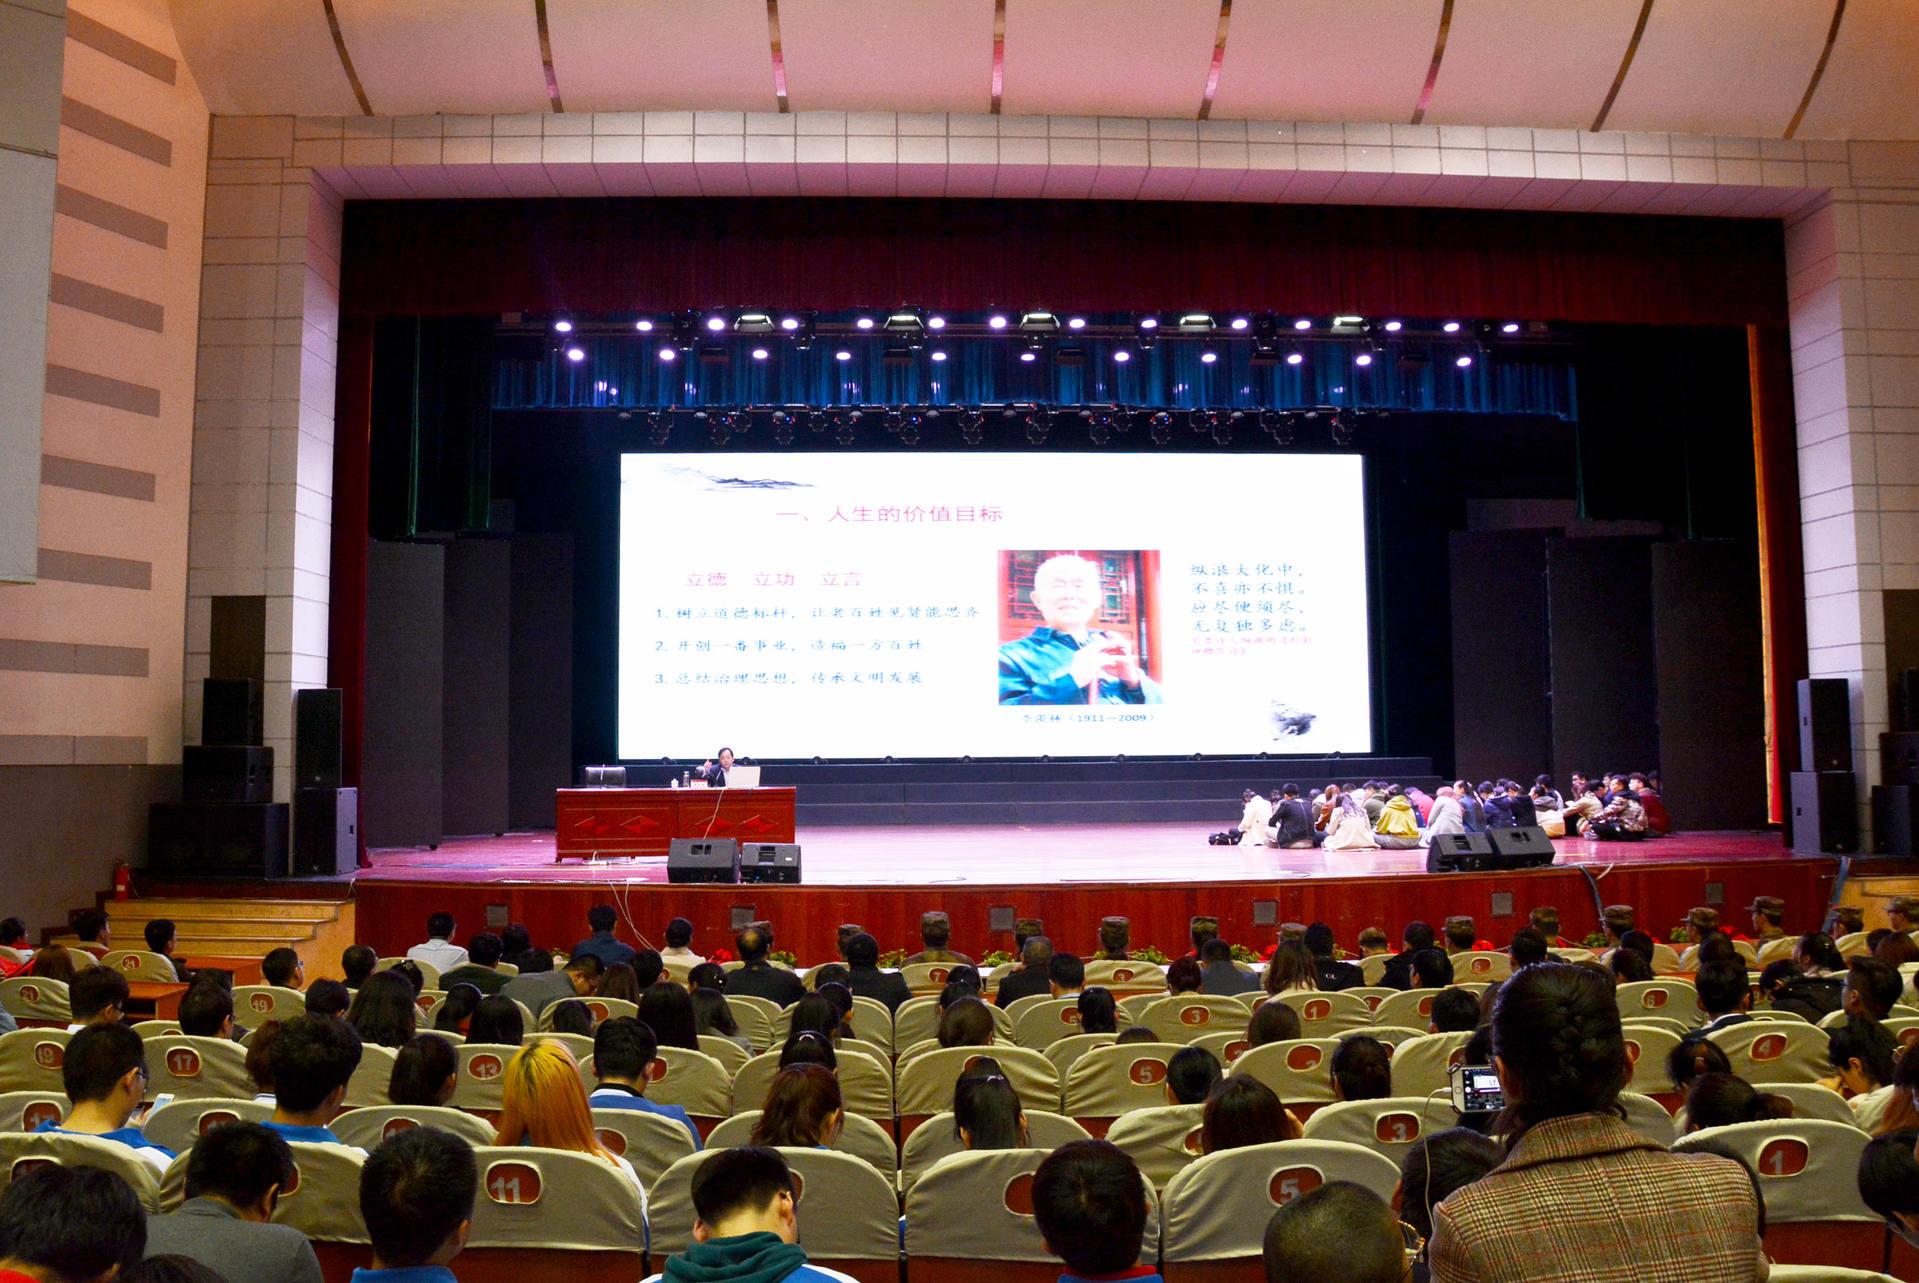 【新闻速递】校党委书记夏文斌为我校师生作中华优秀文化与社会主义核心价值观讲座